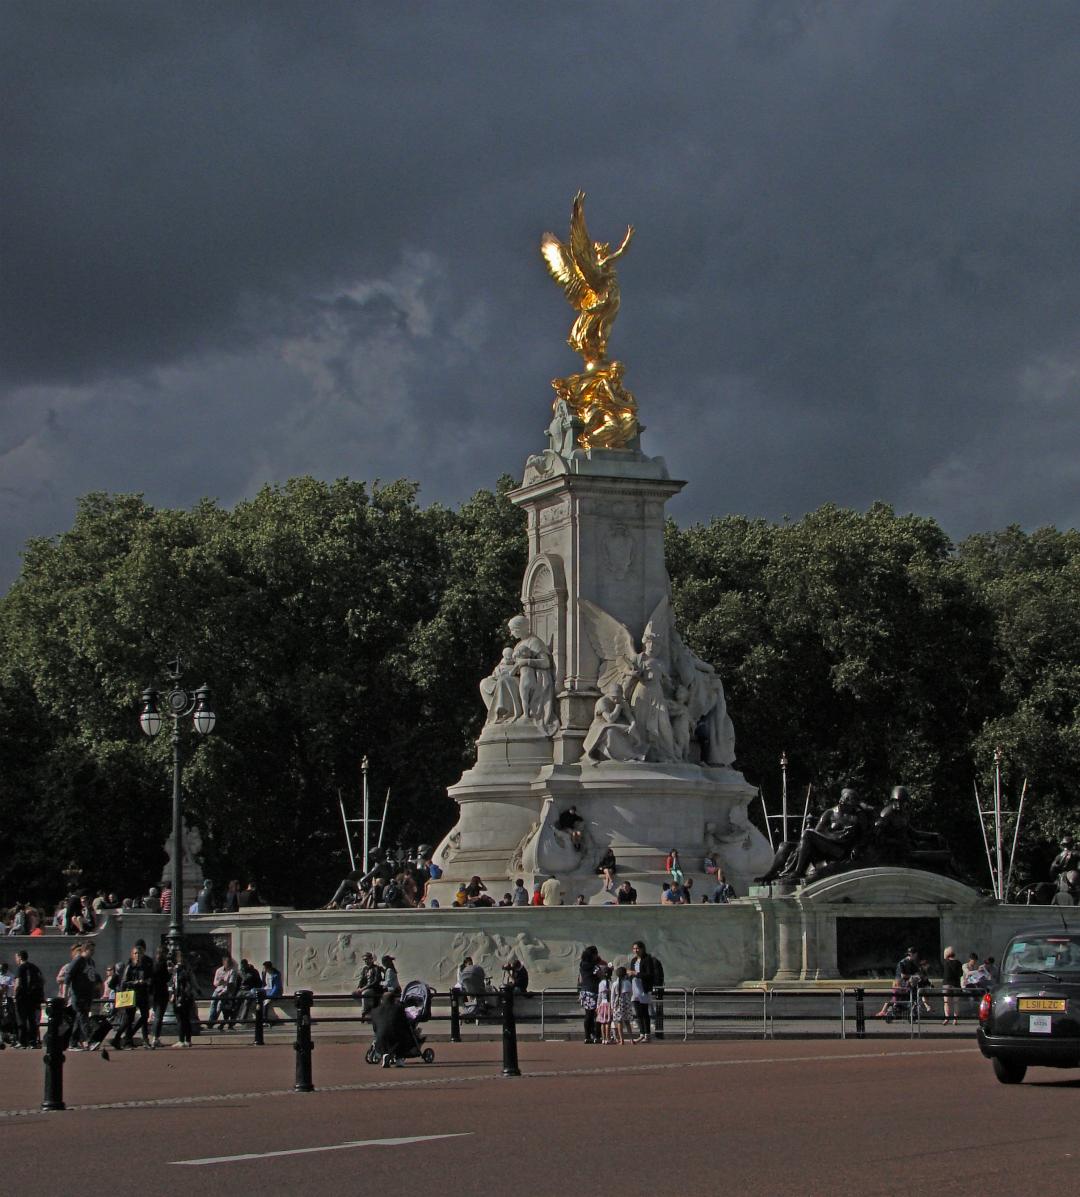 ロンドンのバッキンガム宮殿の前に立つヴィクトリア女王記念碑の写真1葉。2014年8月12日撮影。